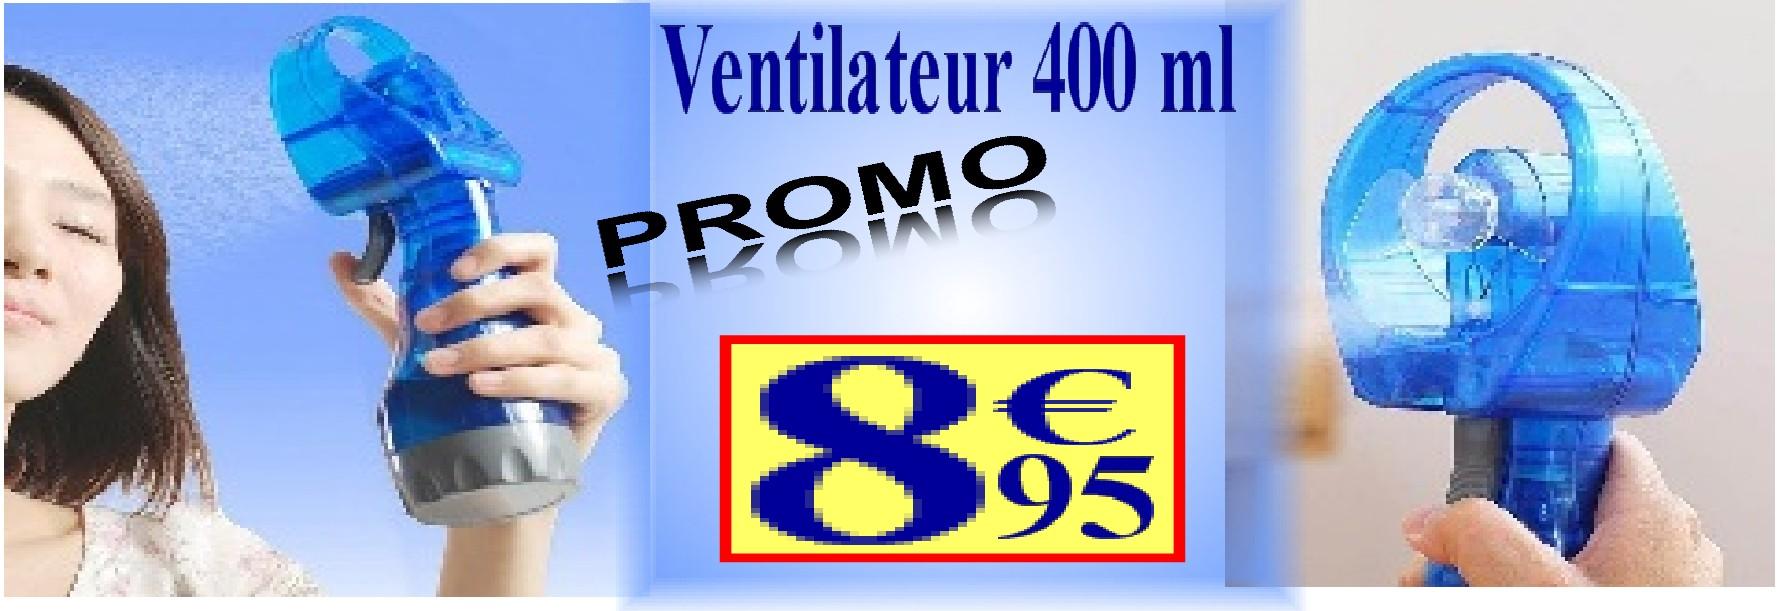 Ventilateur brumisateur portable 400 ml